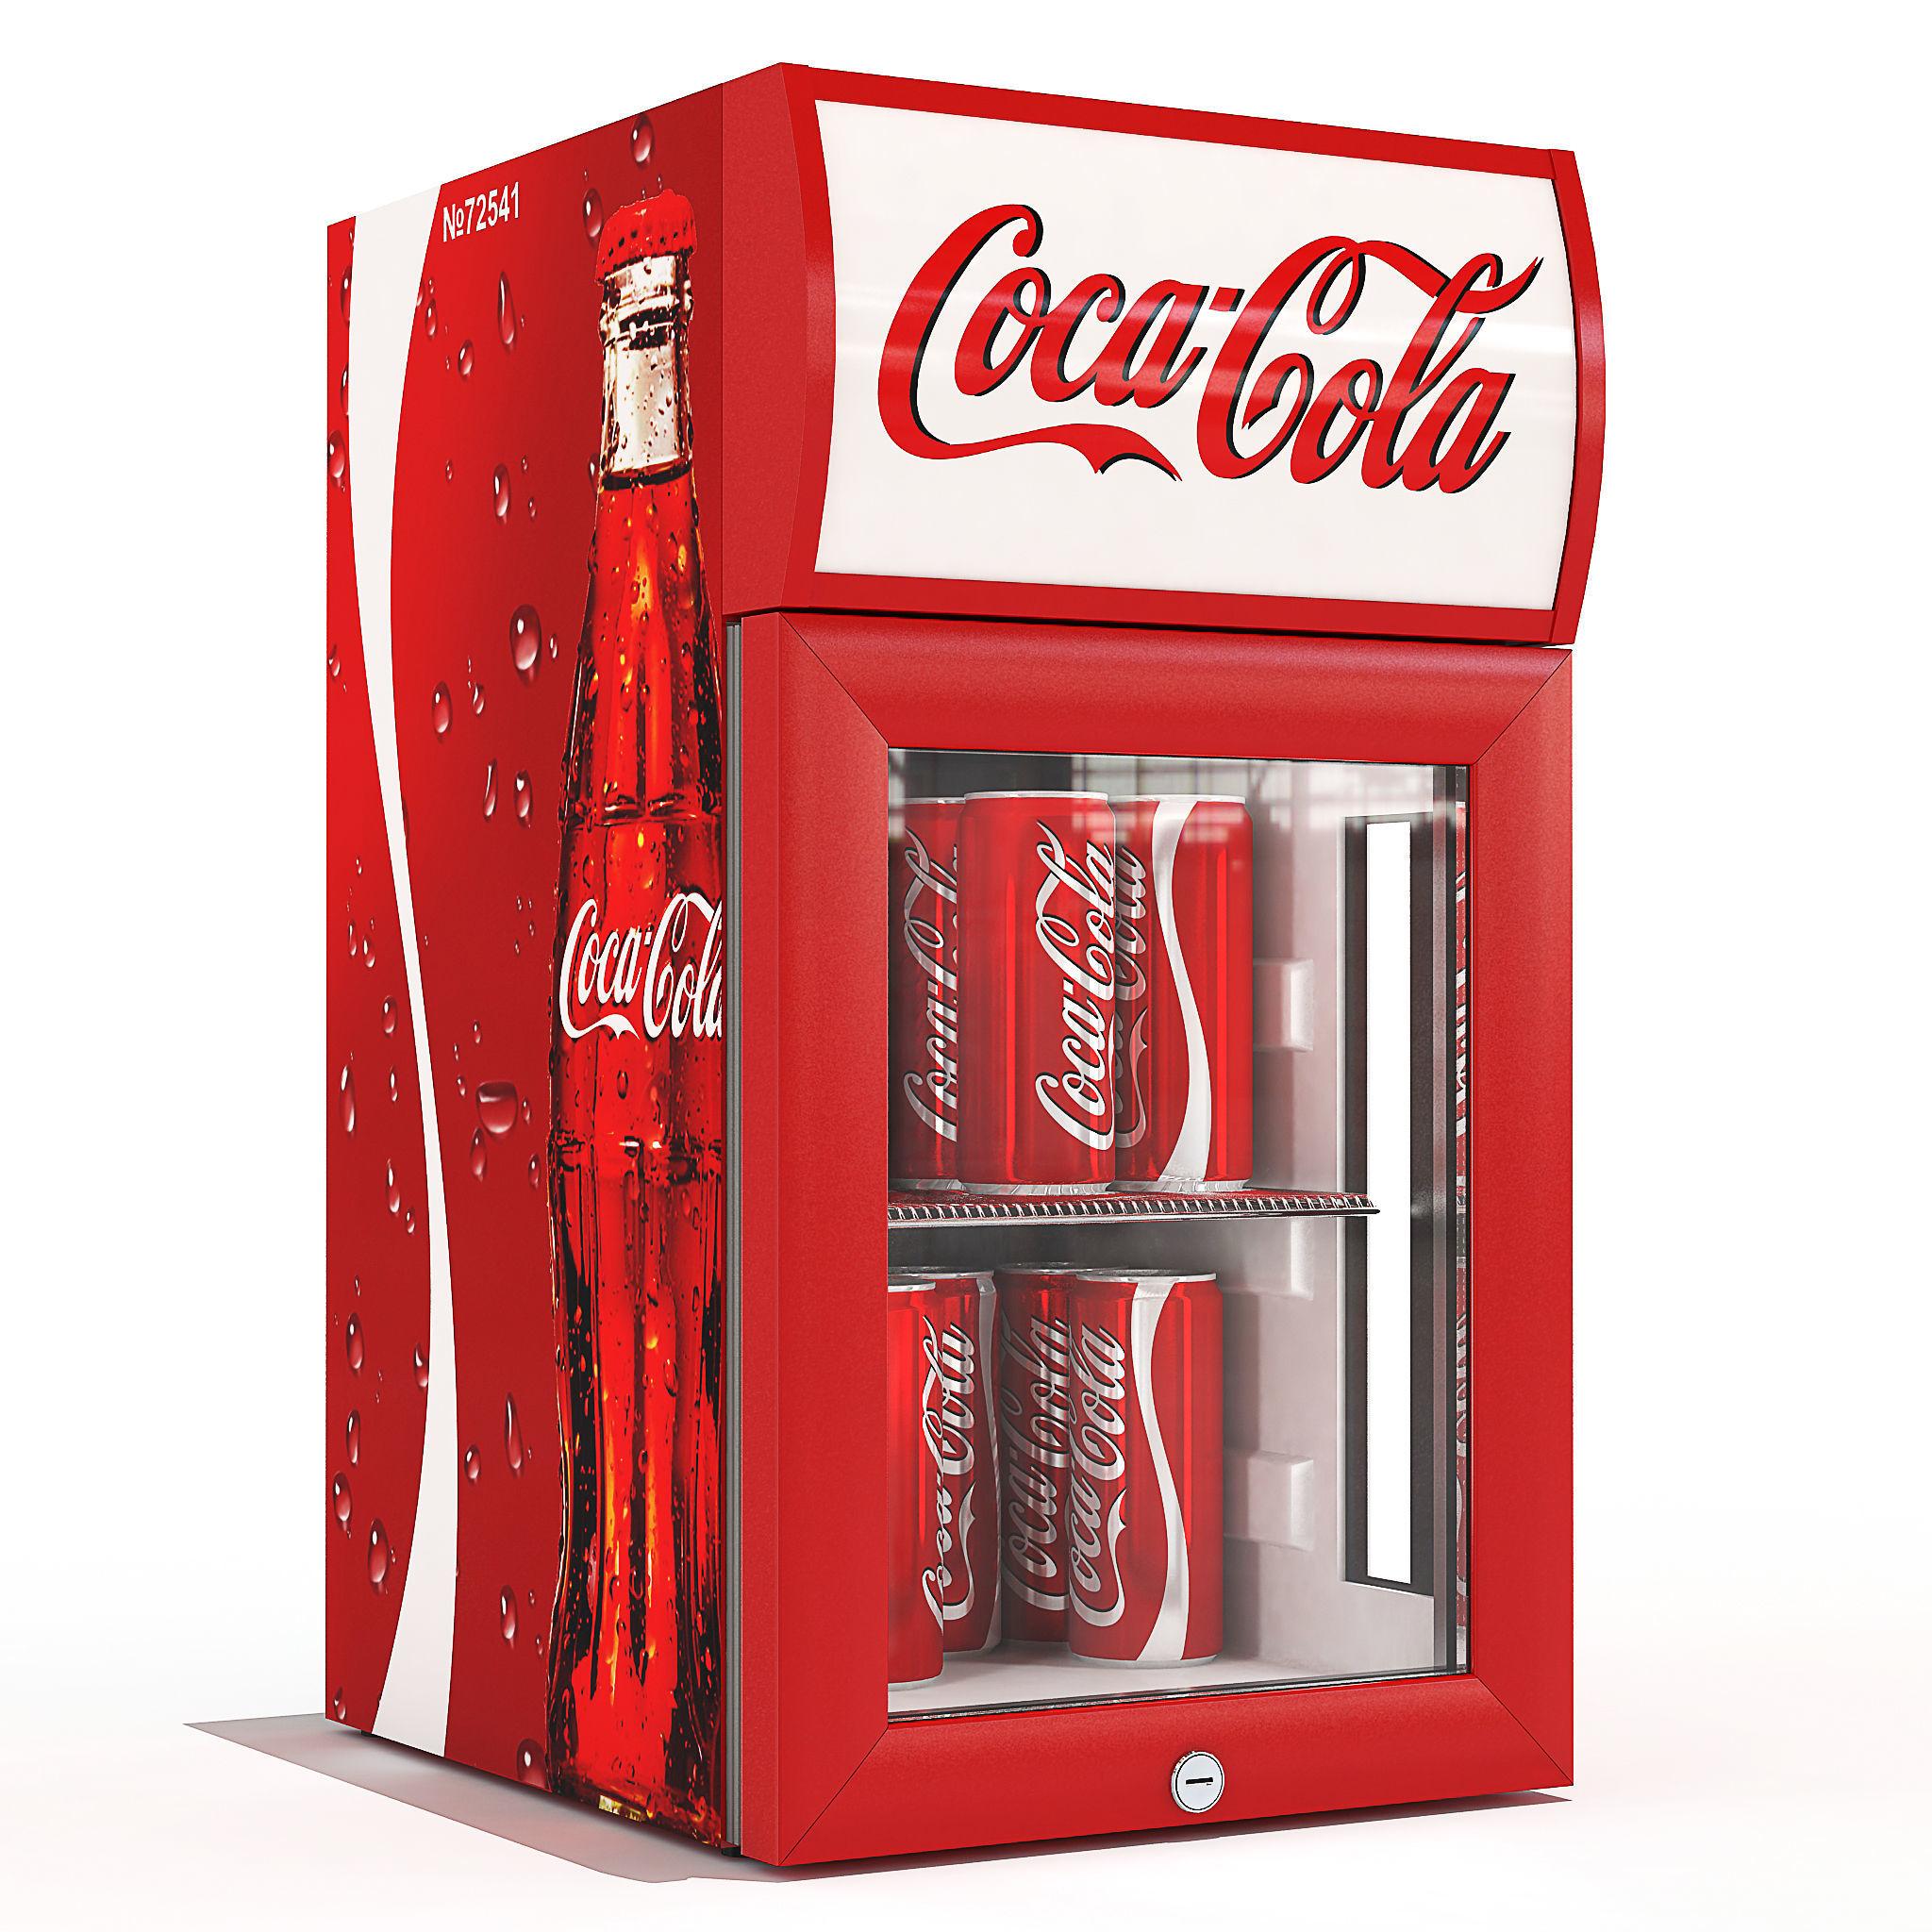 Coca Cola Fridge >> Coca Cola Small Fridge 3d Model Cgtrader